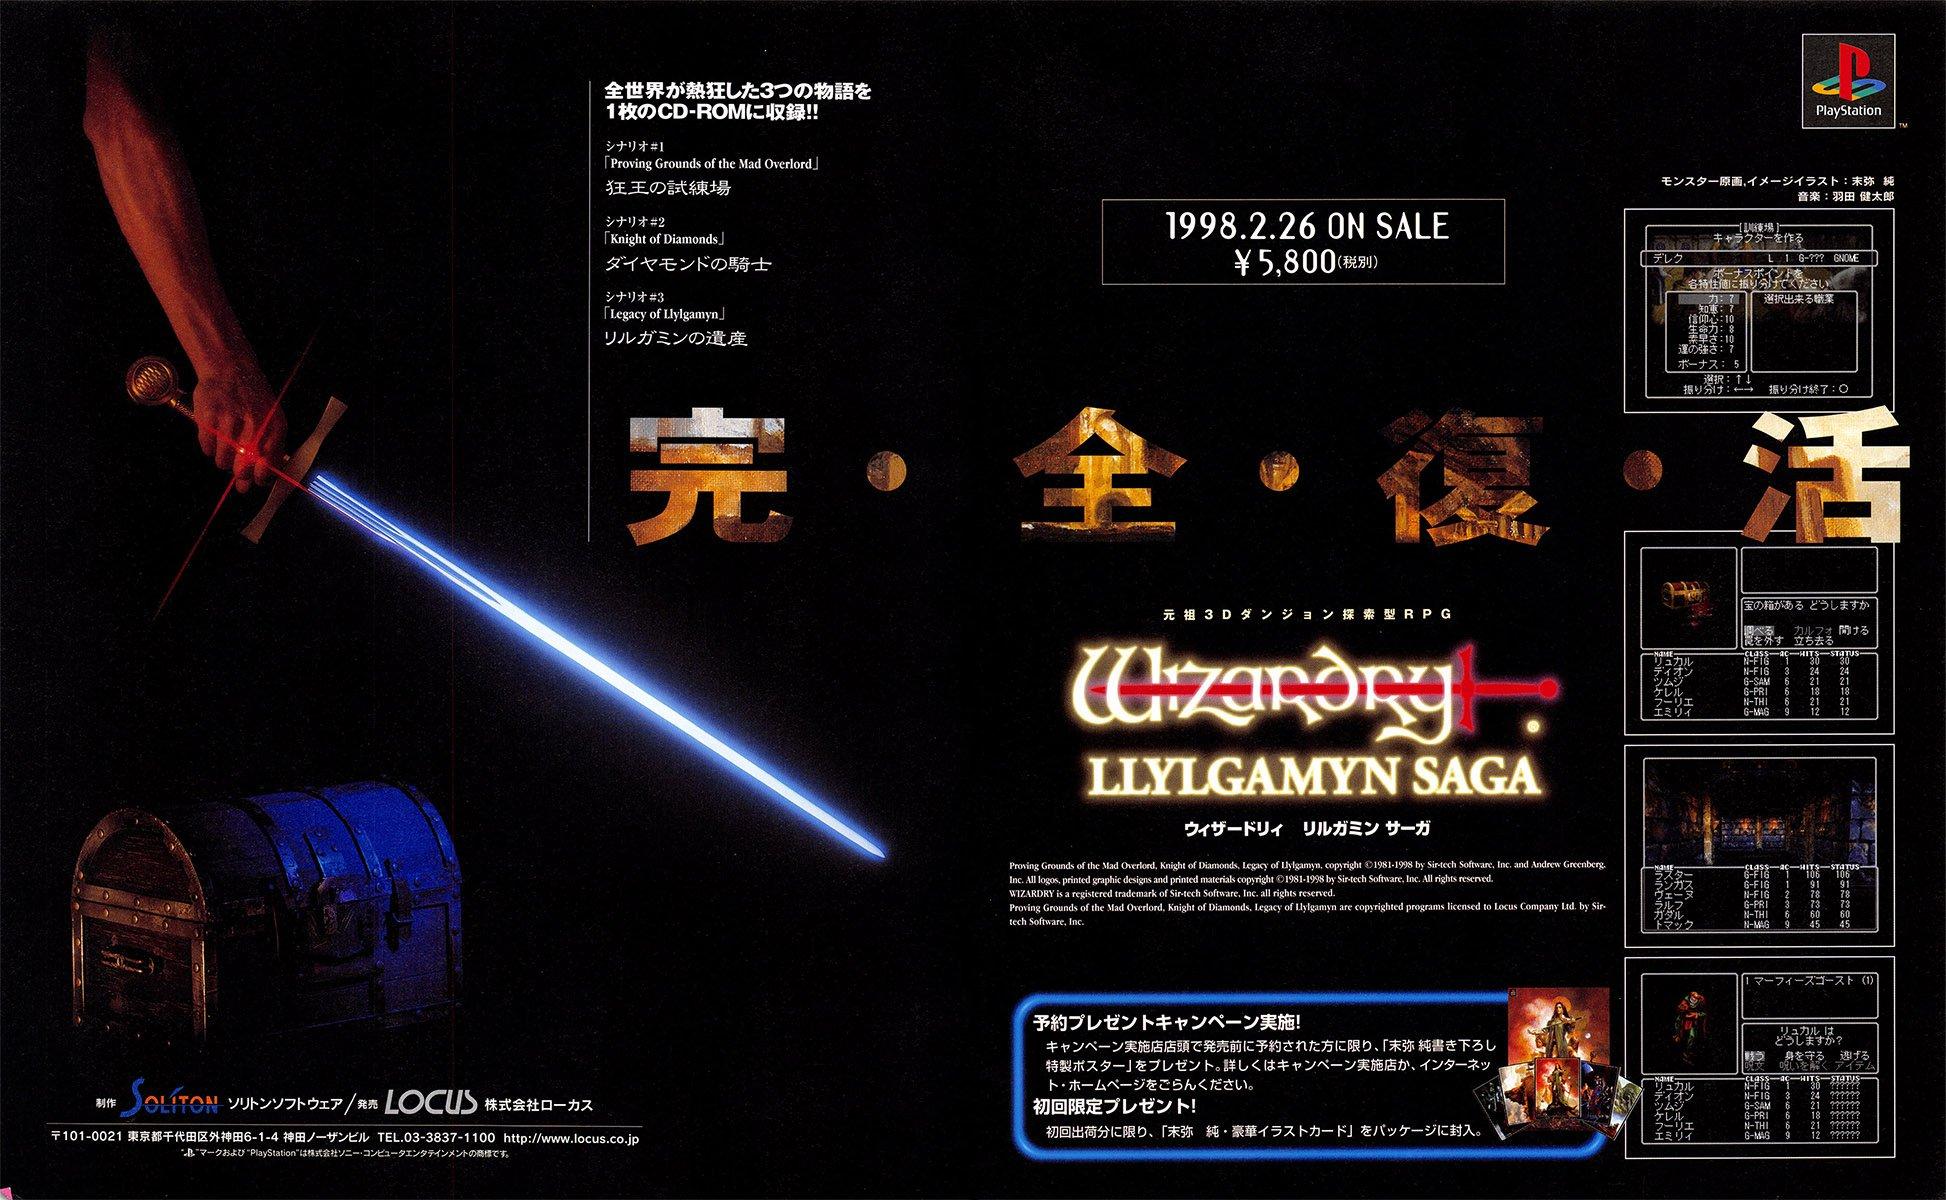 Wizardry - Llylgamyn Saga (Japan)